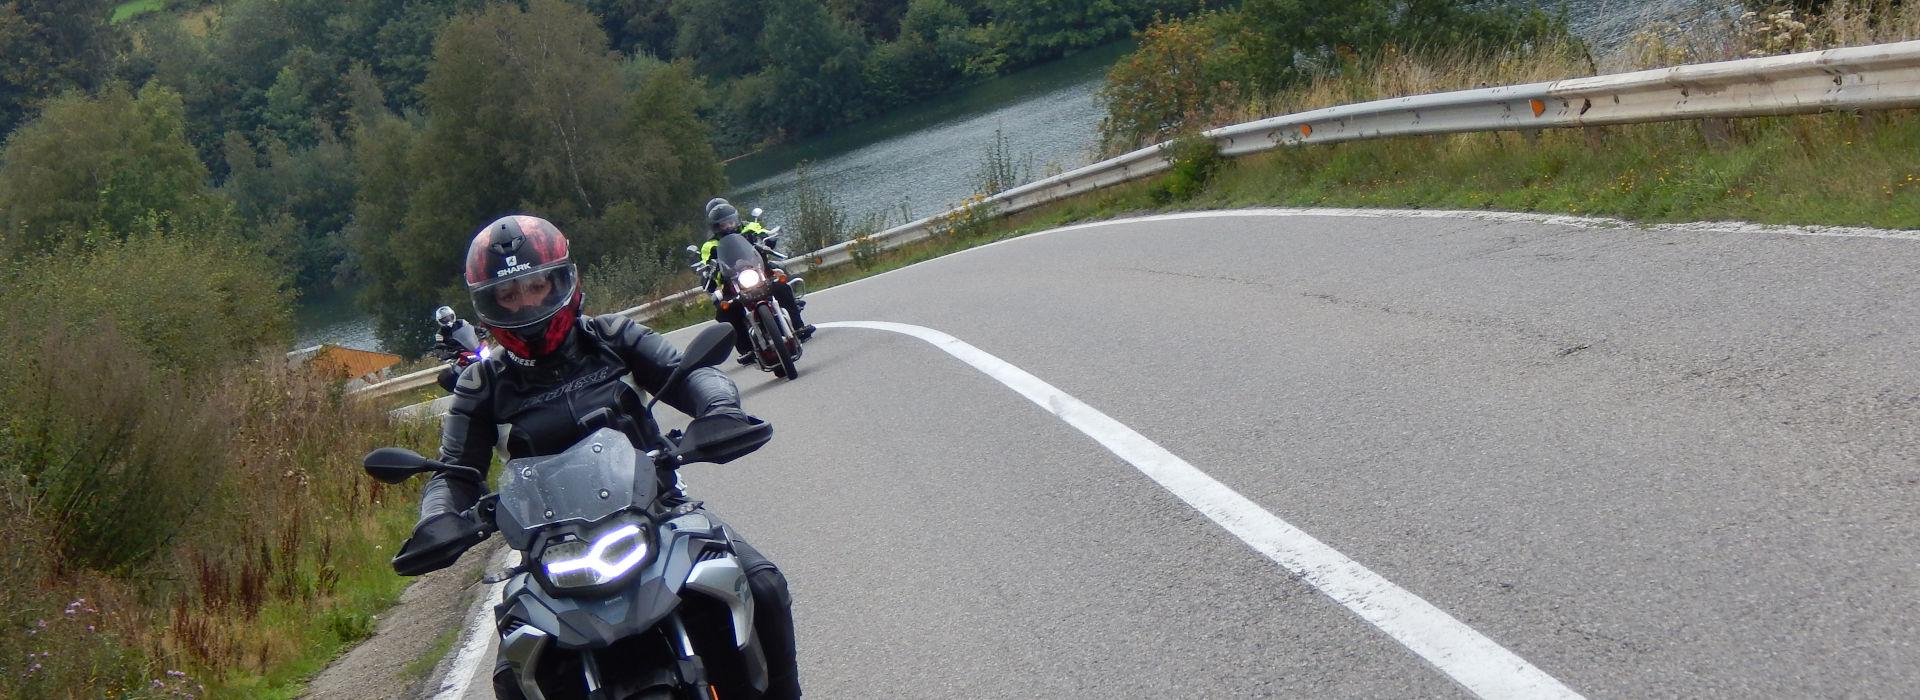 Motorrijbewijspoint Made spoed motorrijbewijs